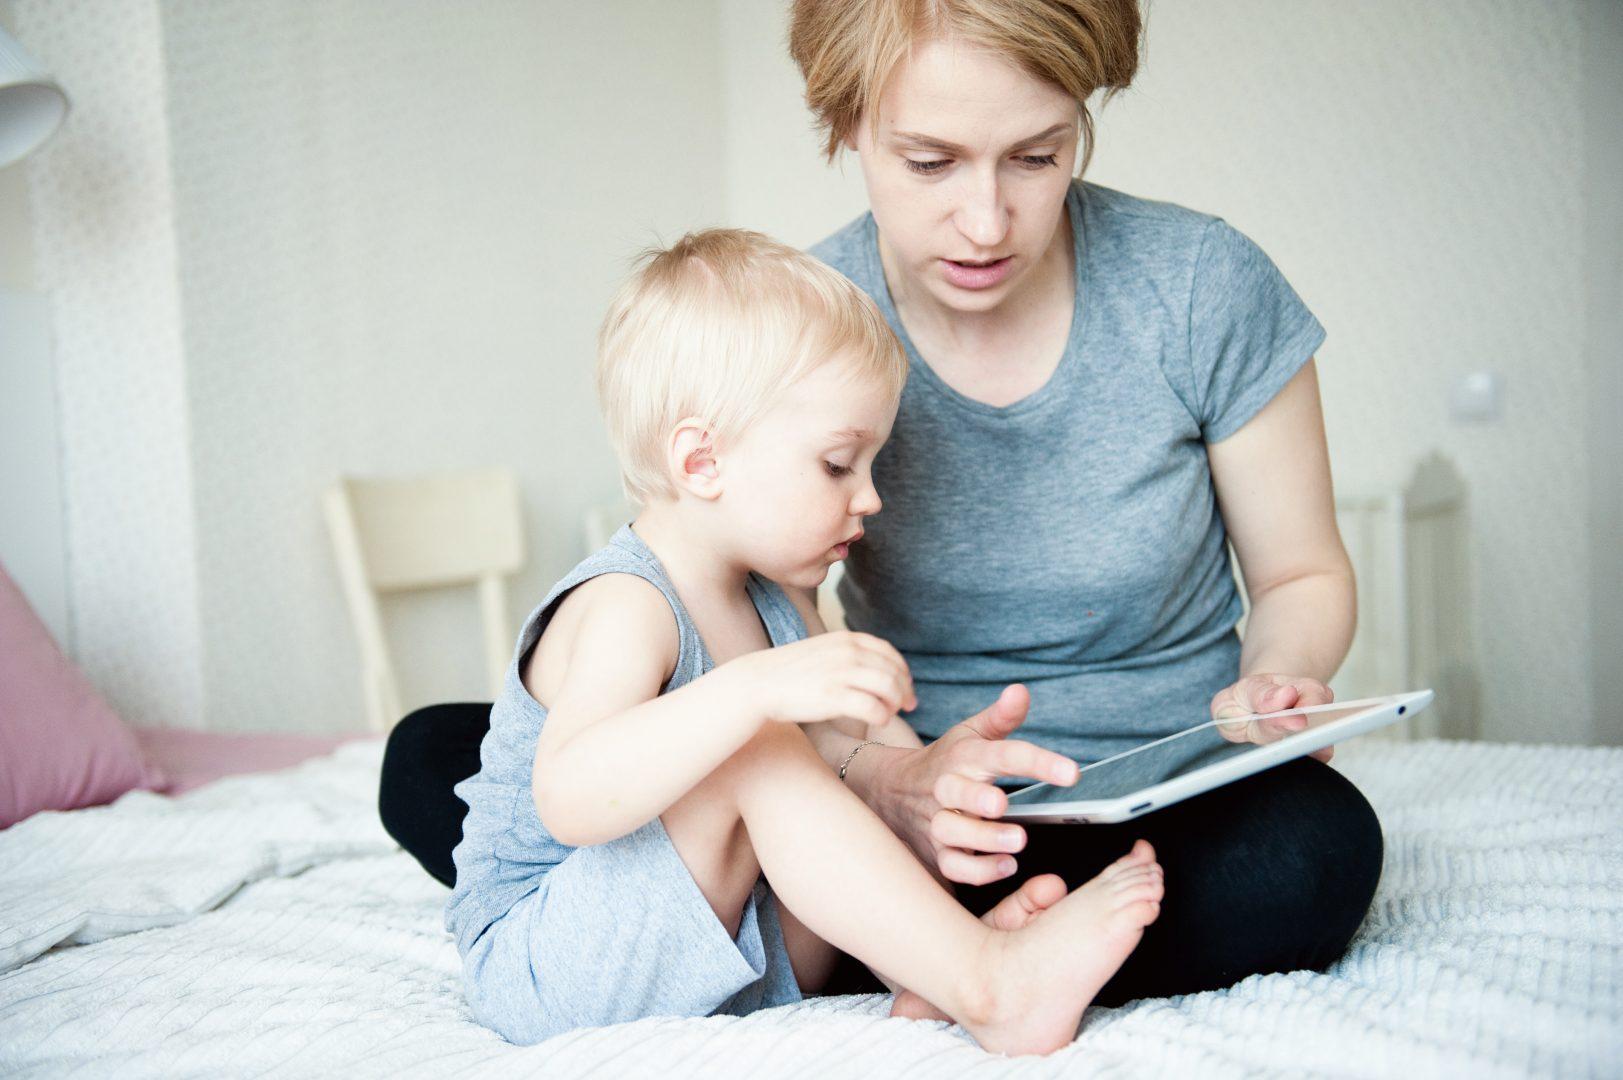 полезни съвети за родители в ерата на технологиите Полезни съвети за родители в ерата на технологиите А1 Блог